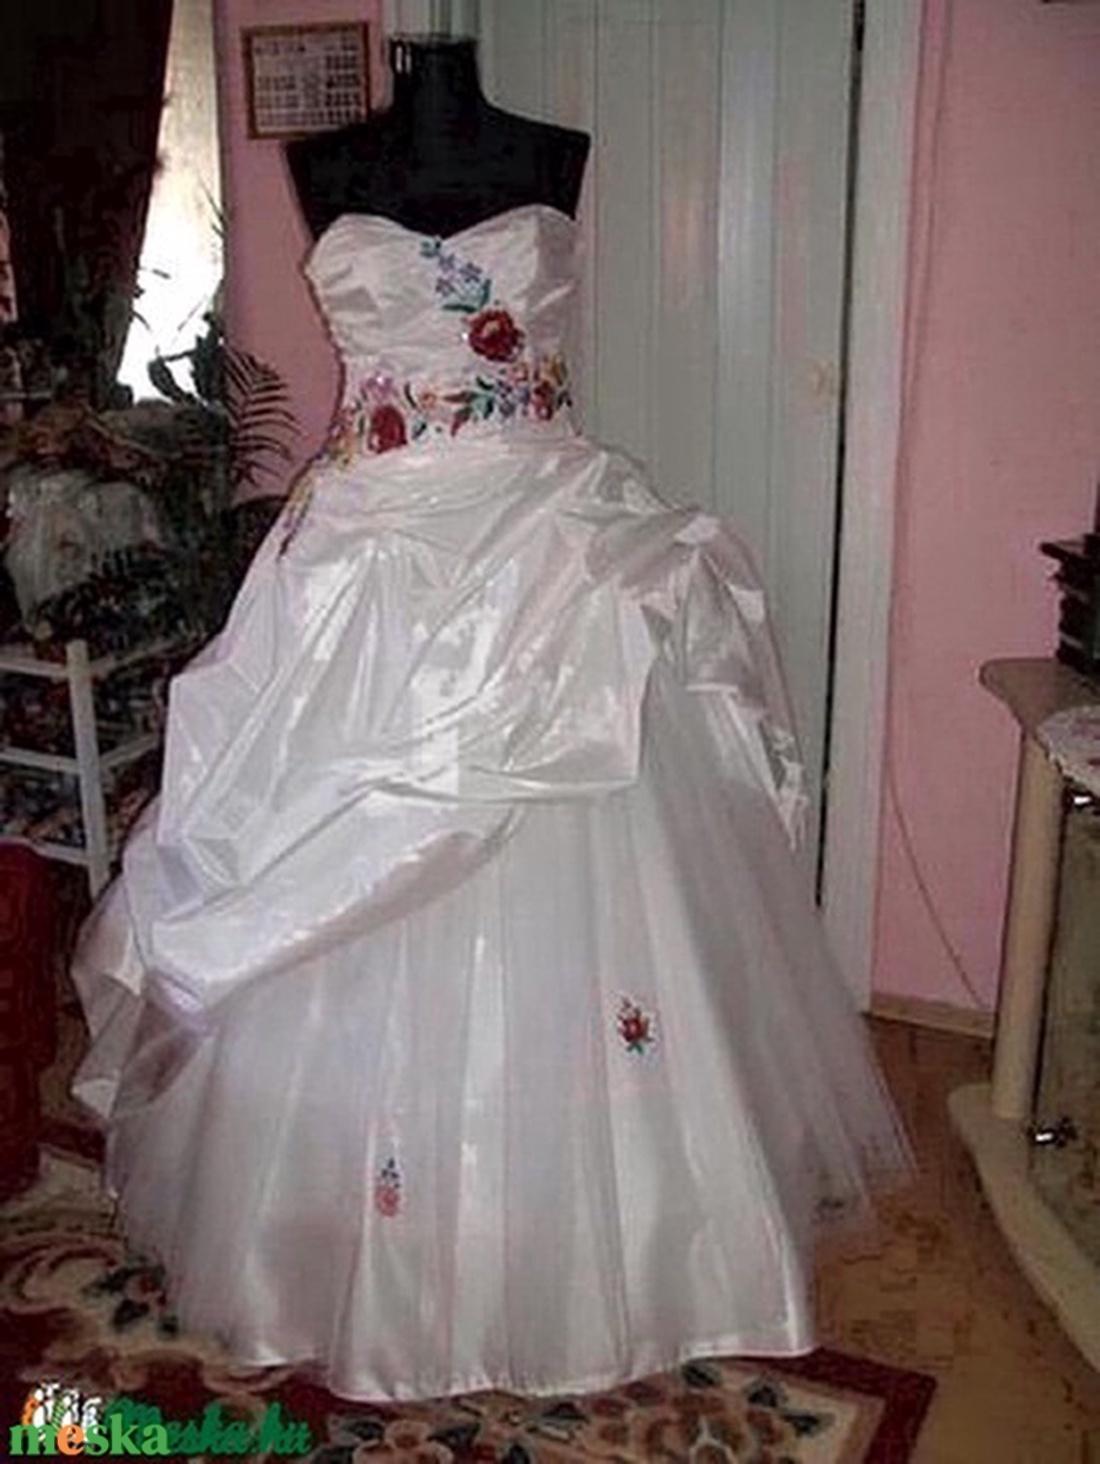 Kalocsai himzett menyasszonyi ruha,  - Meska.hu